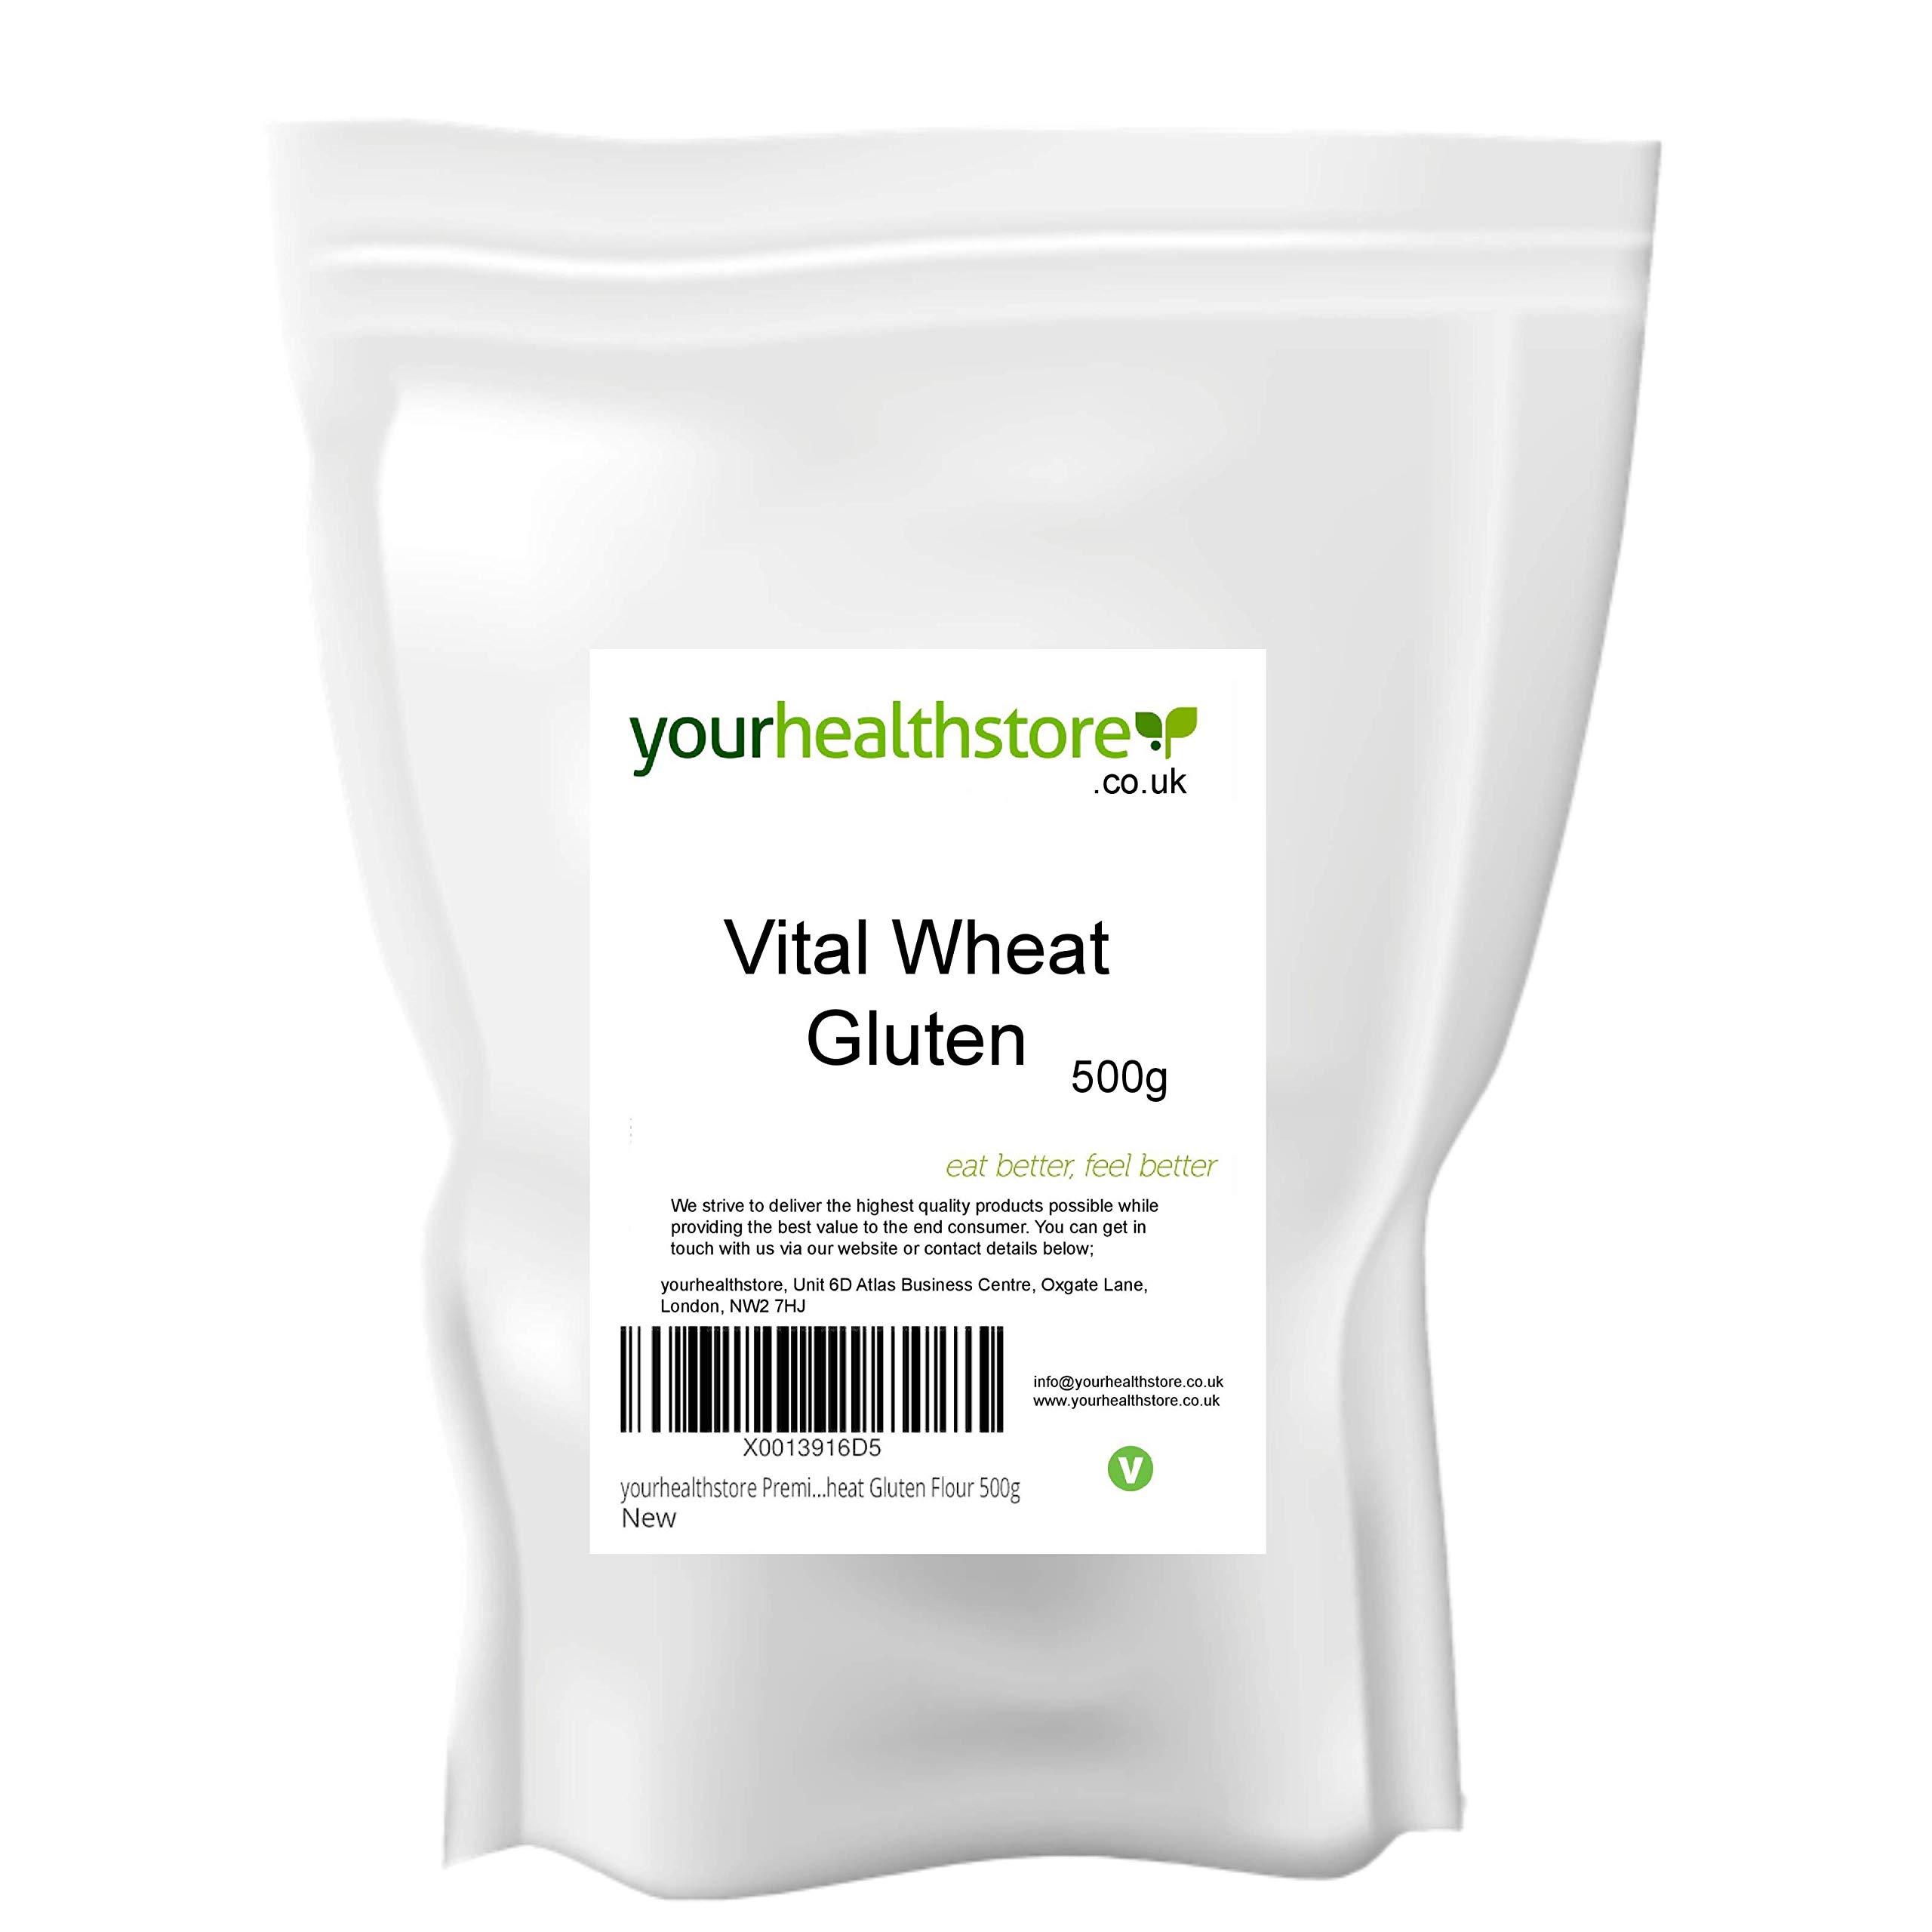 yourhealthstore Premium Vital Wheat Gluten Flour 500g, 87.5% Protein, Non GMO, Vegan (Recyclable Pouch)